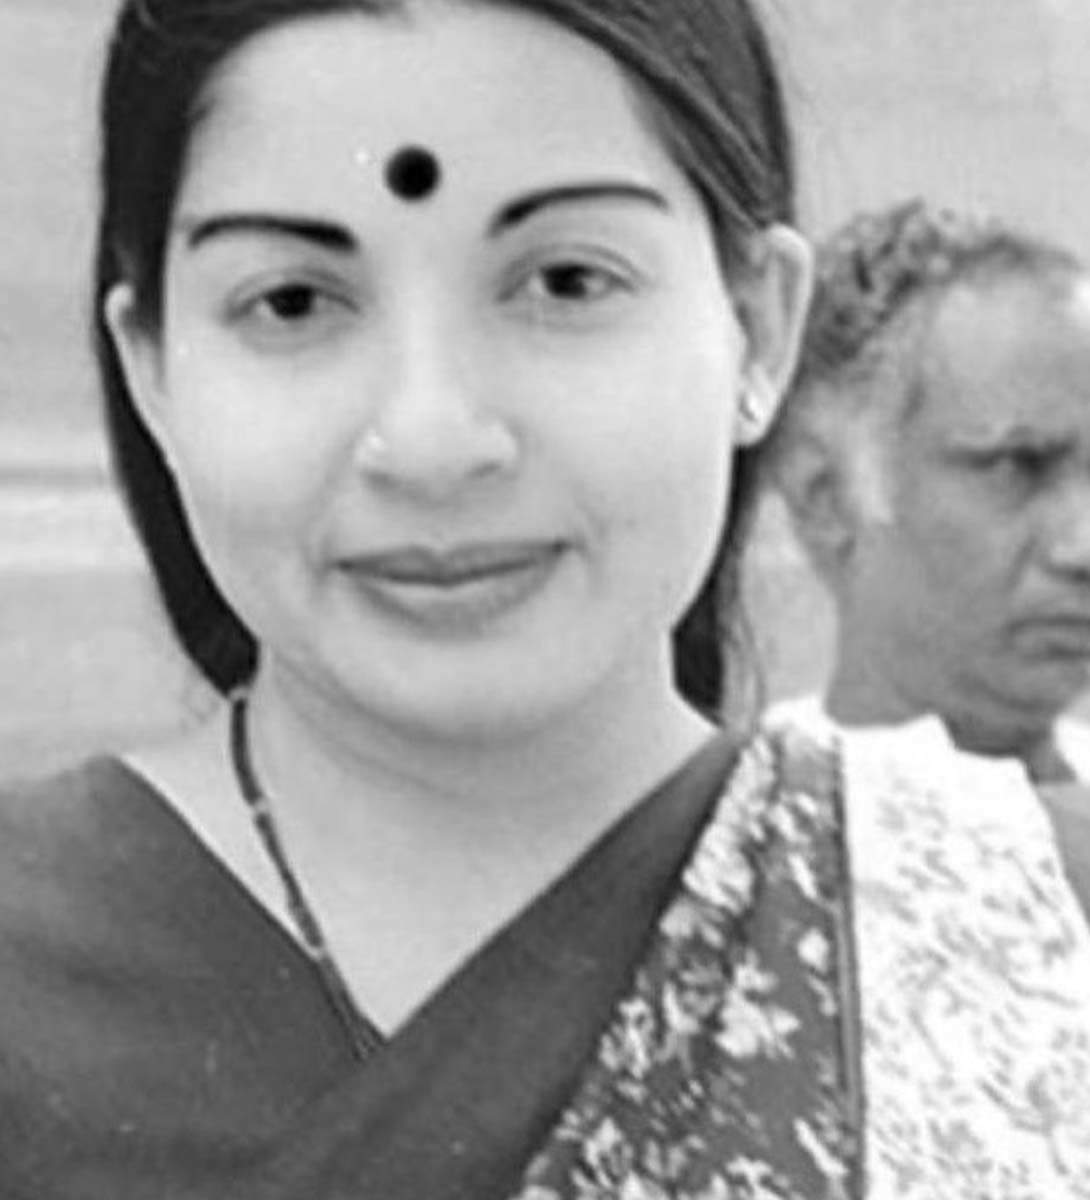 Kangana Ranaut unveils her look in upcoming biopic 'Thalaivi'